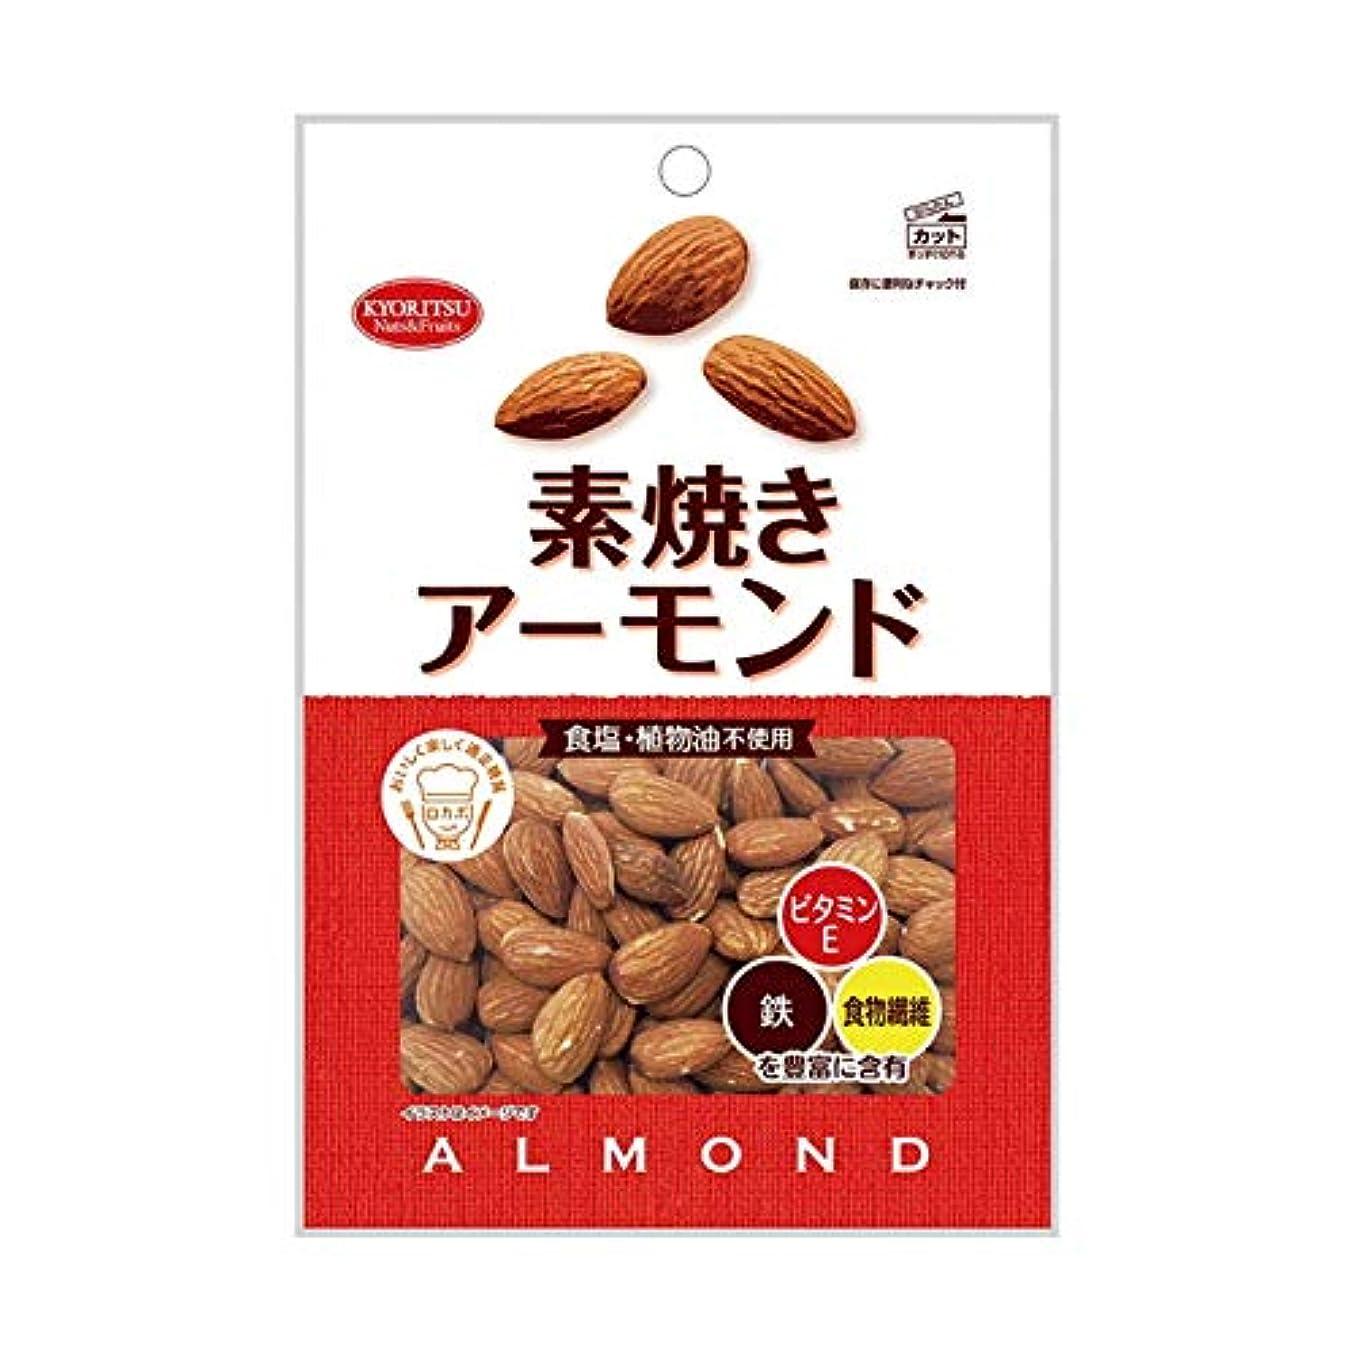 トマト私たちボーナス◆共立 素焼きアーモンド 徳用 200g【6個セット】